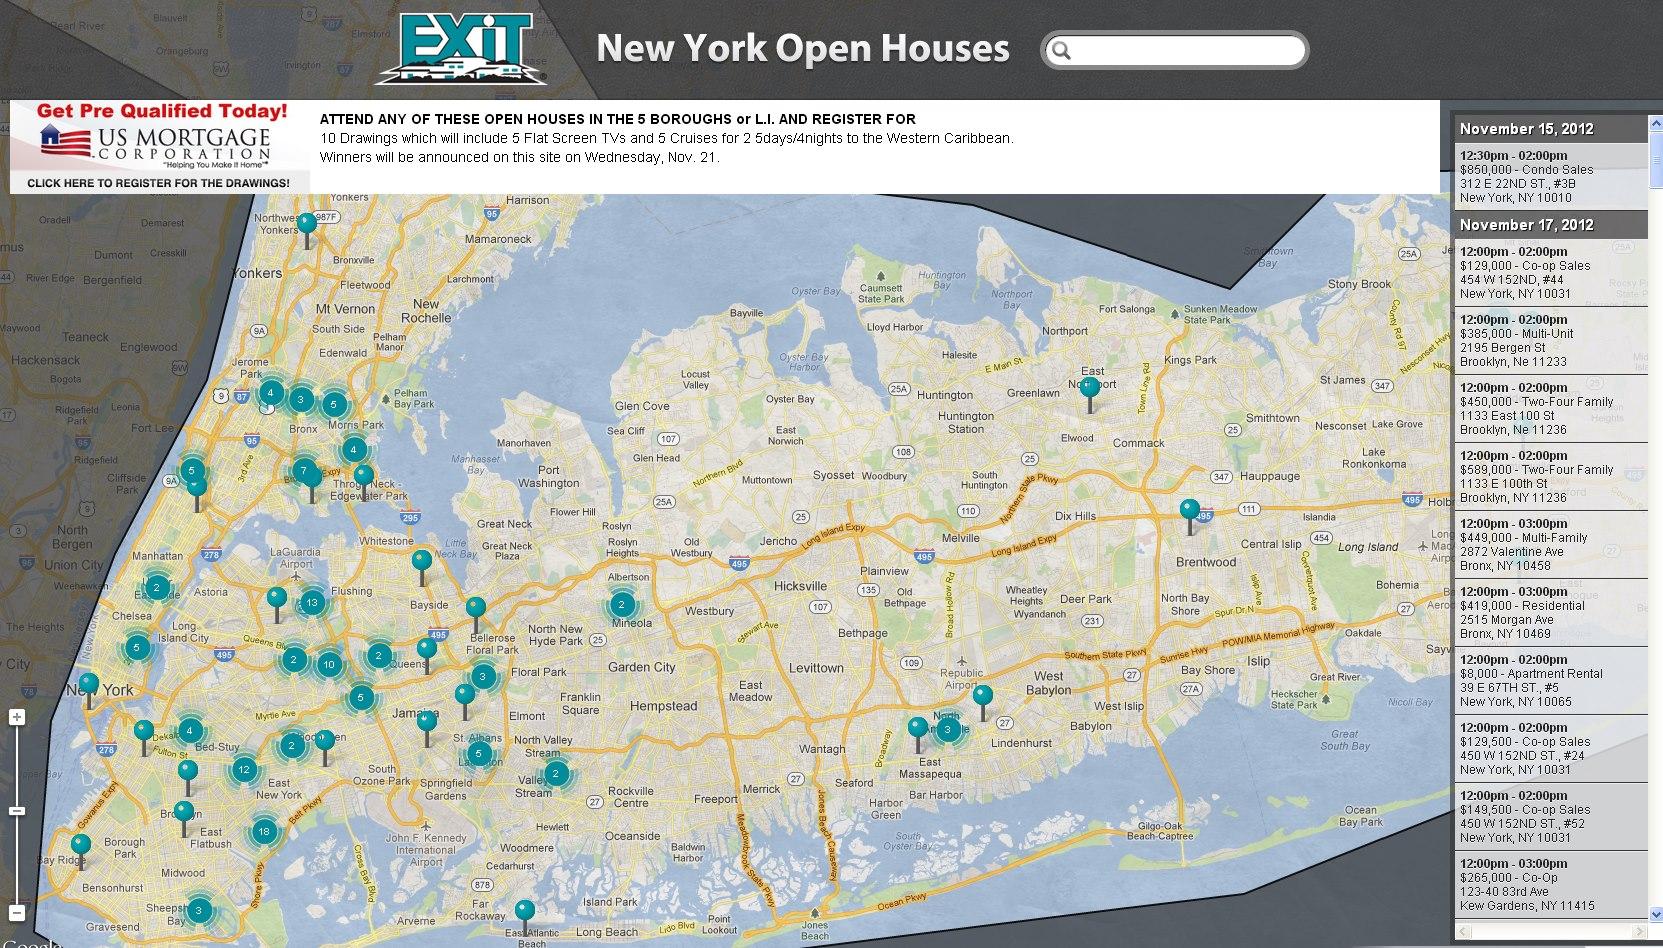 New York Open House Extravaganza Nov 17-18